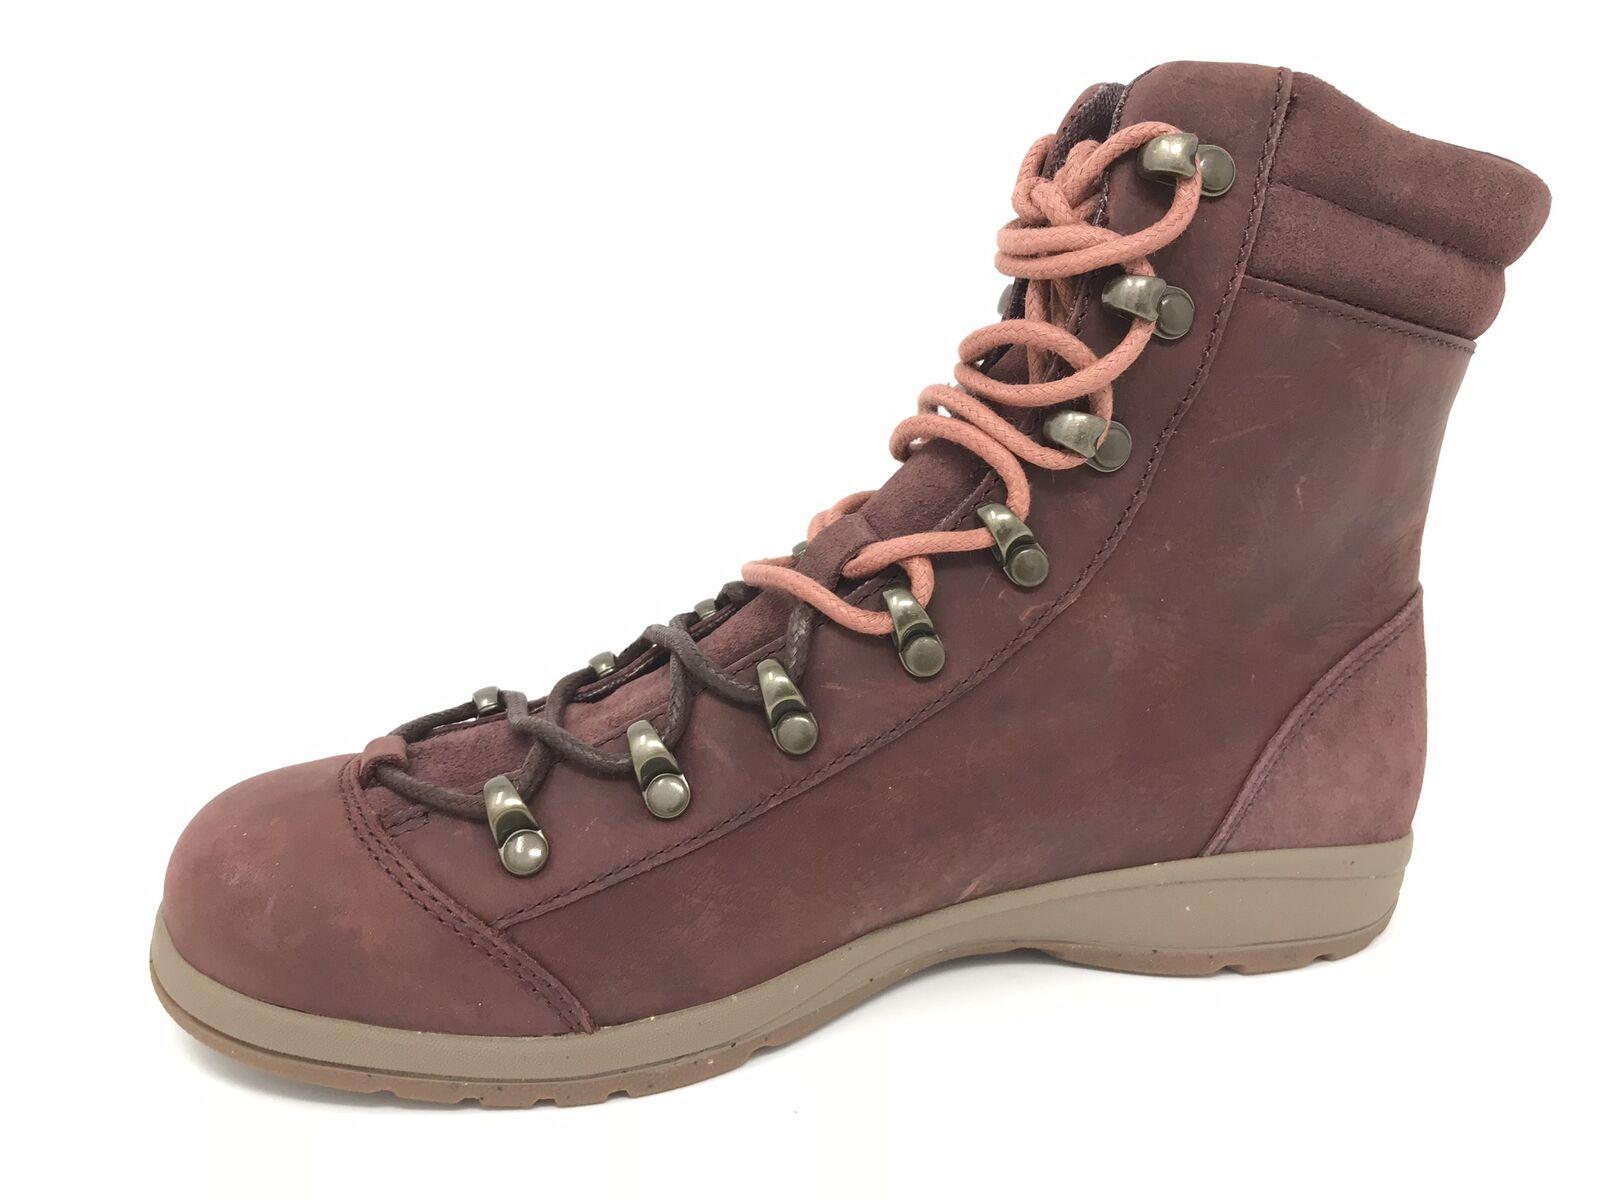 Nuevas botas botas botas para mujer trailstead Senderismo Chaco J150146, Chocolate, US tamaño 7 M Baker 92b23b